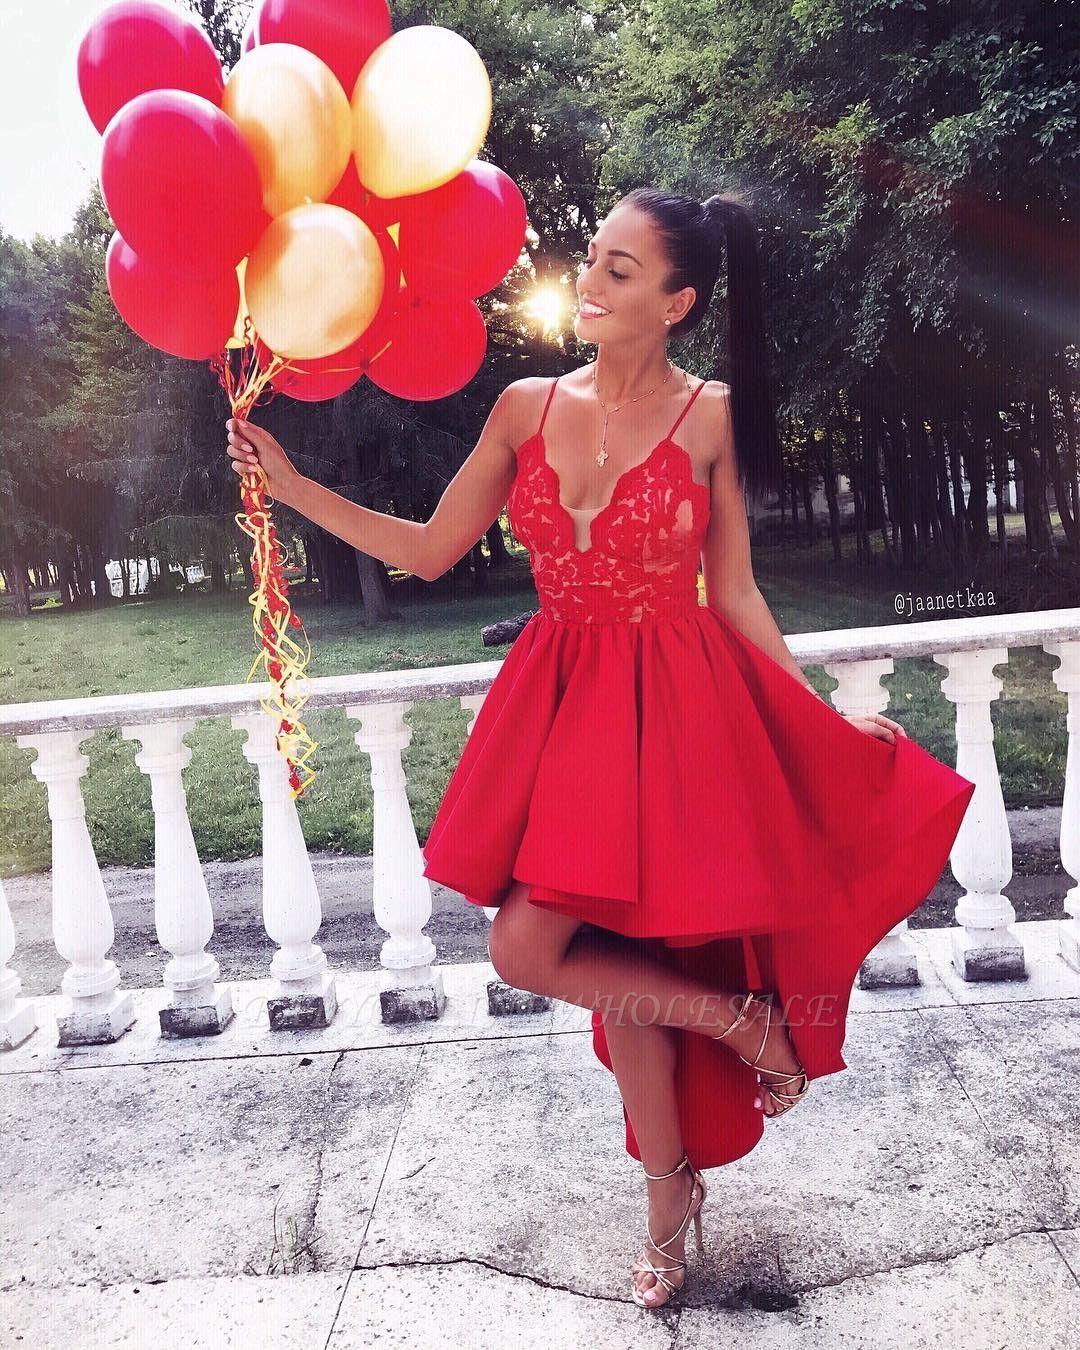 sexy rote cocktailkleider v-ausschnitt | vorne kurz hinter lang abendkleider